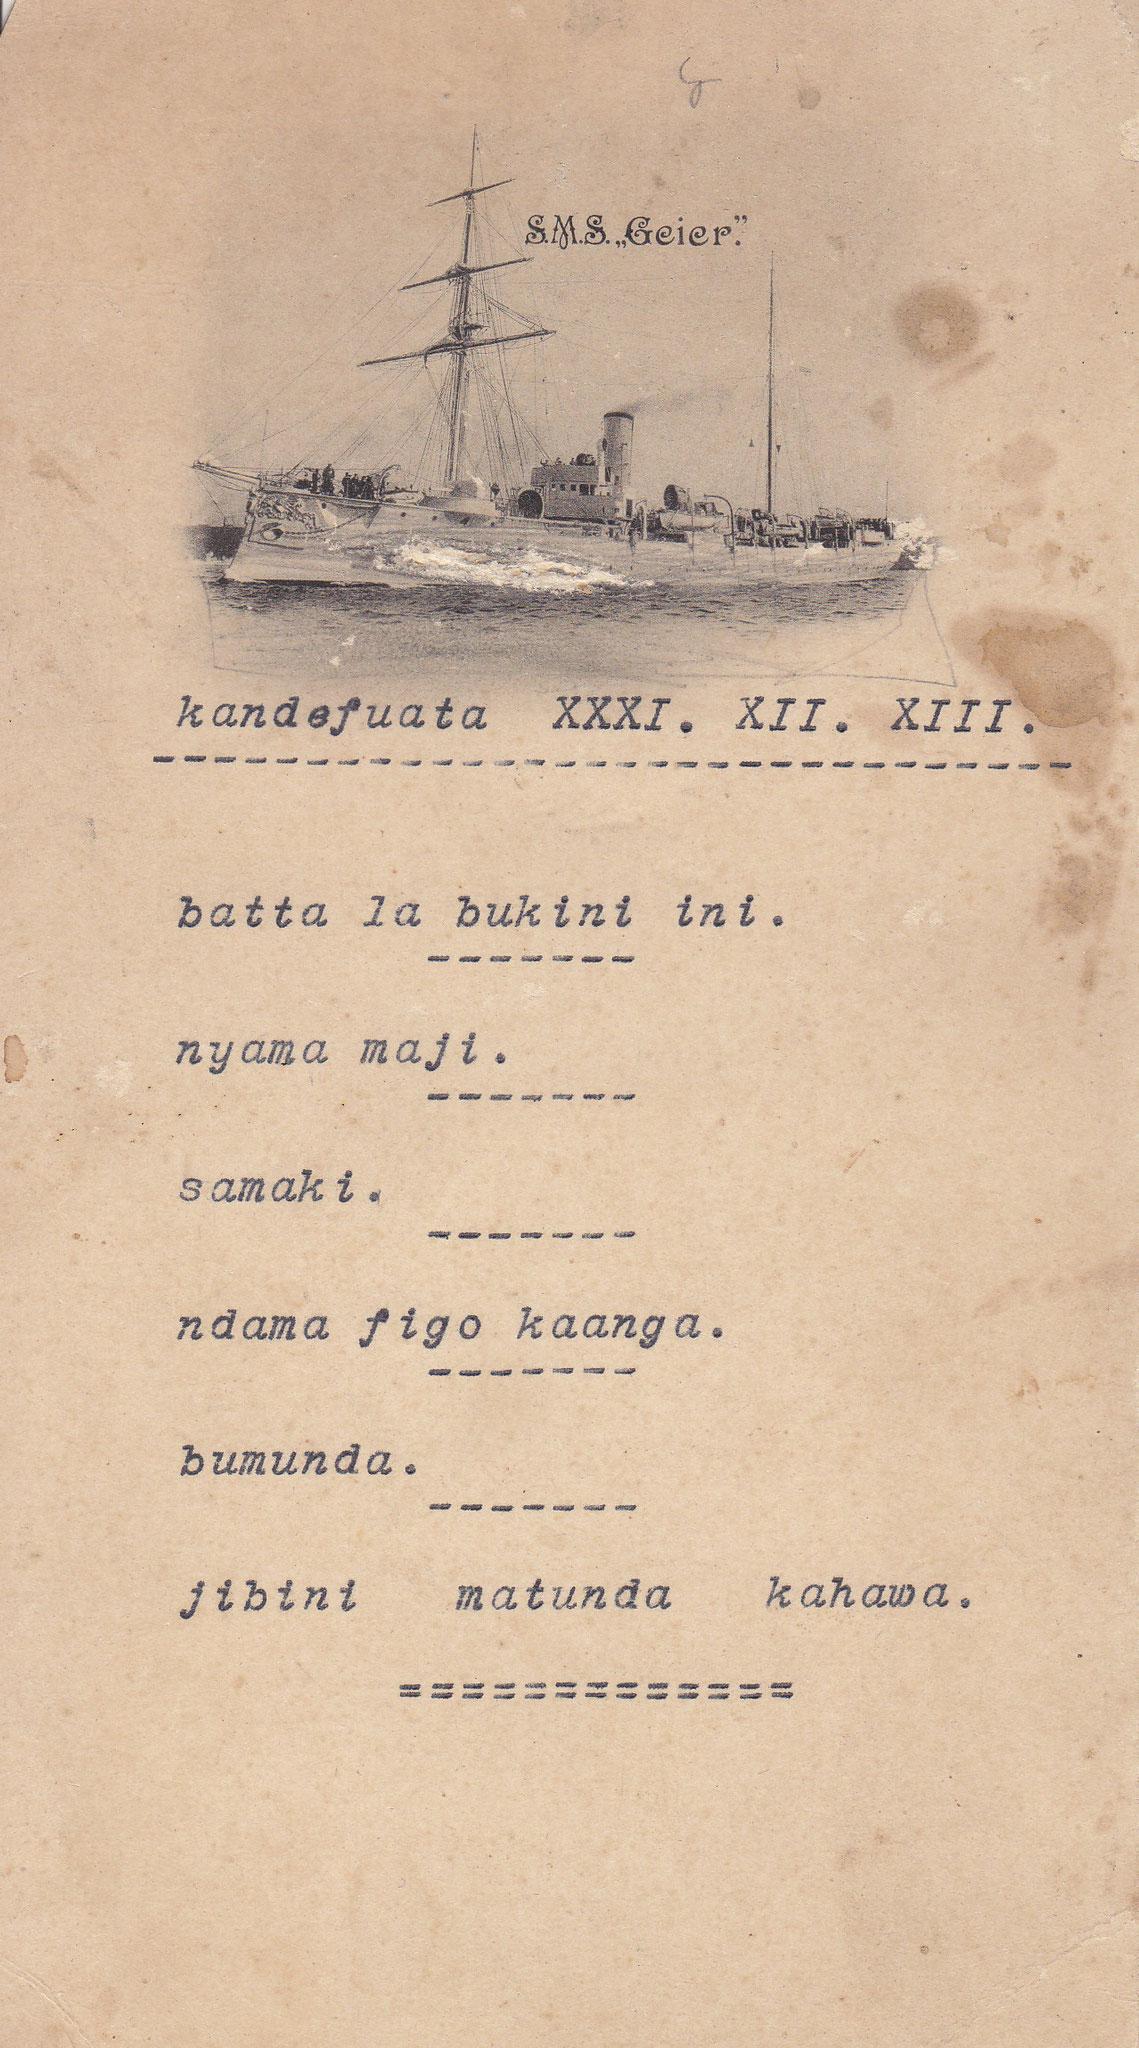 Das Silvestermenue vom 31.12.1913 auf Suaheli